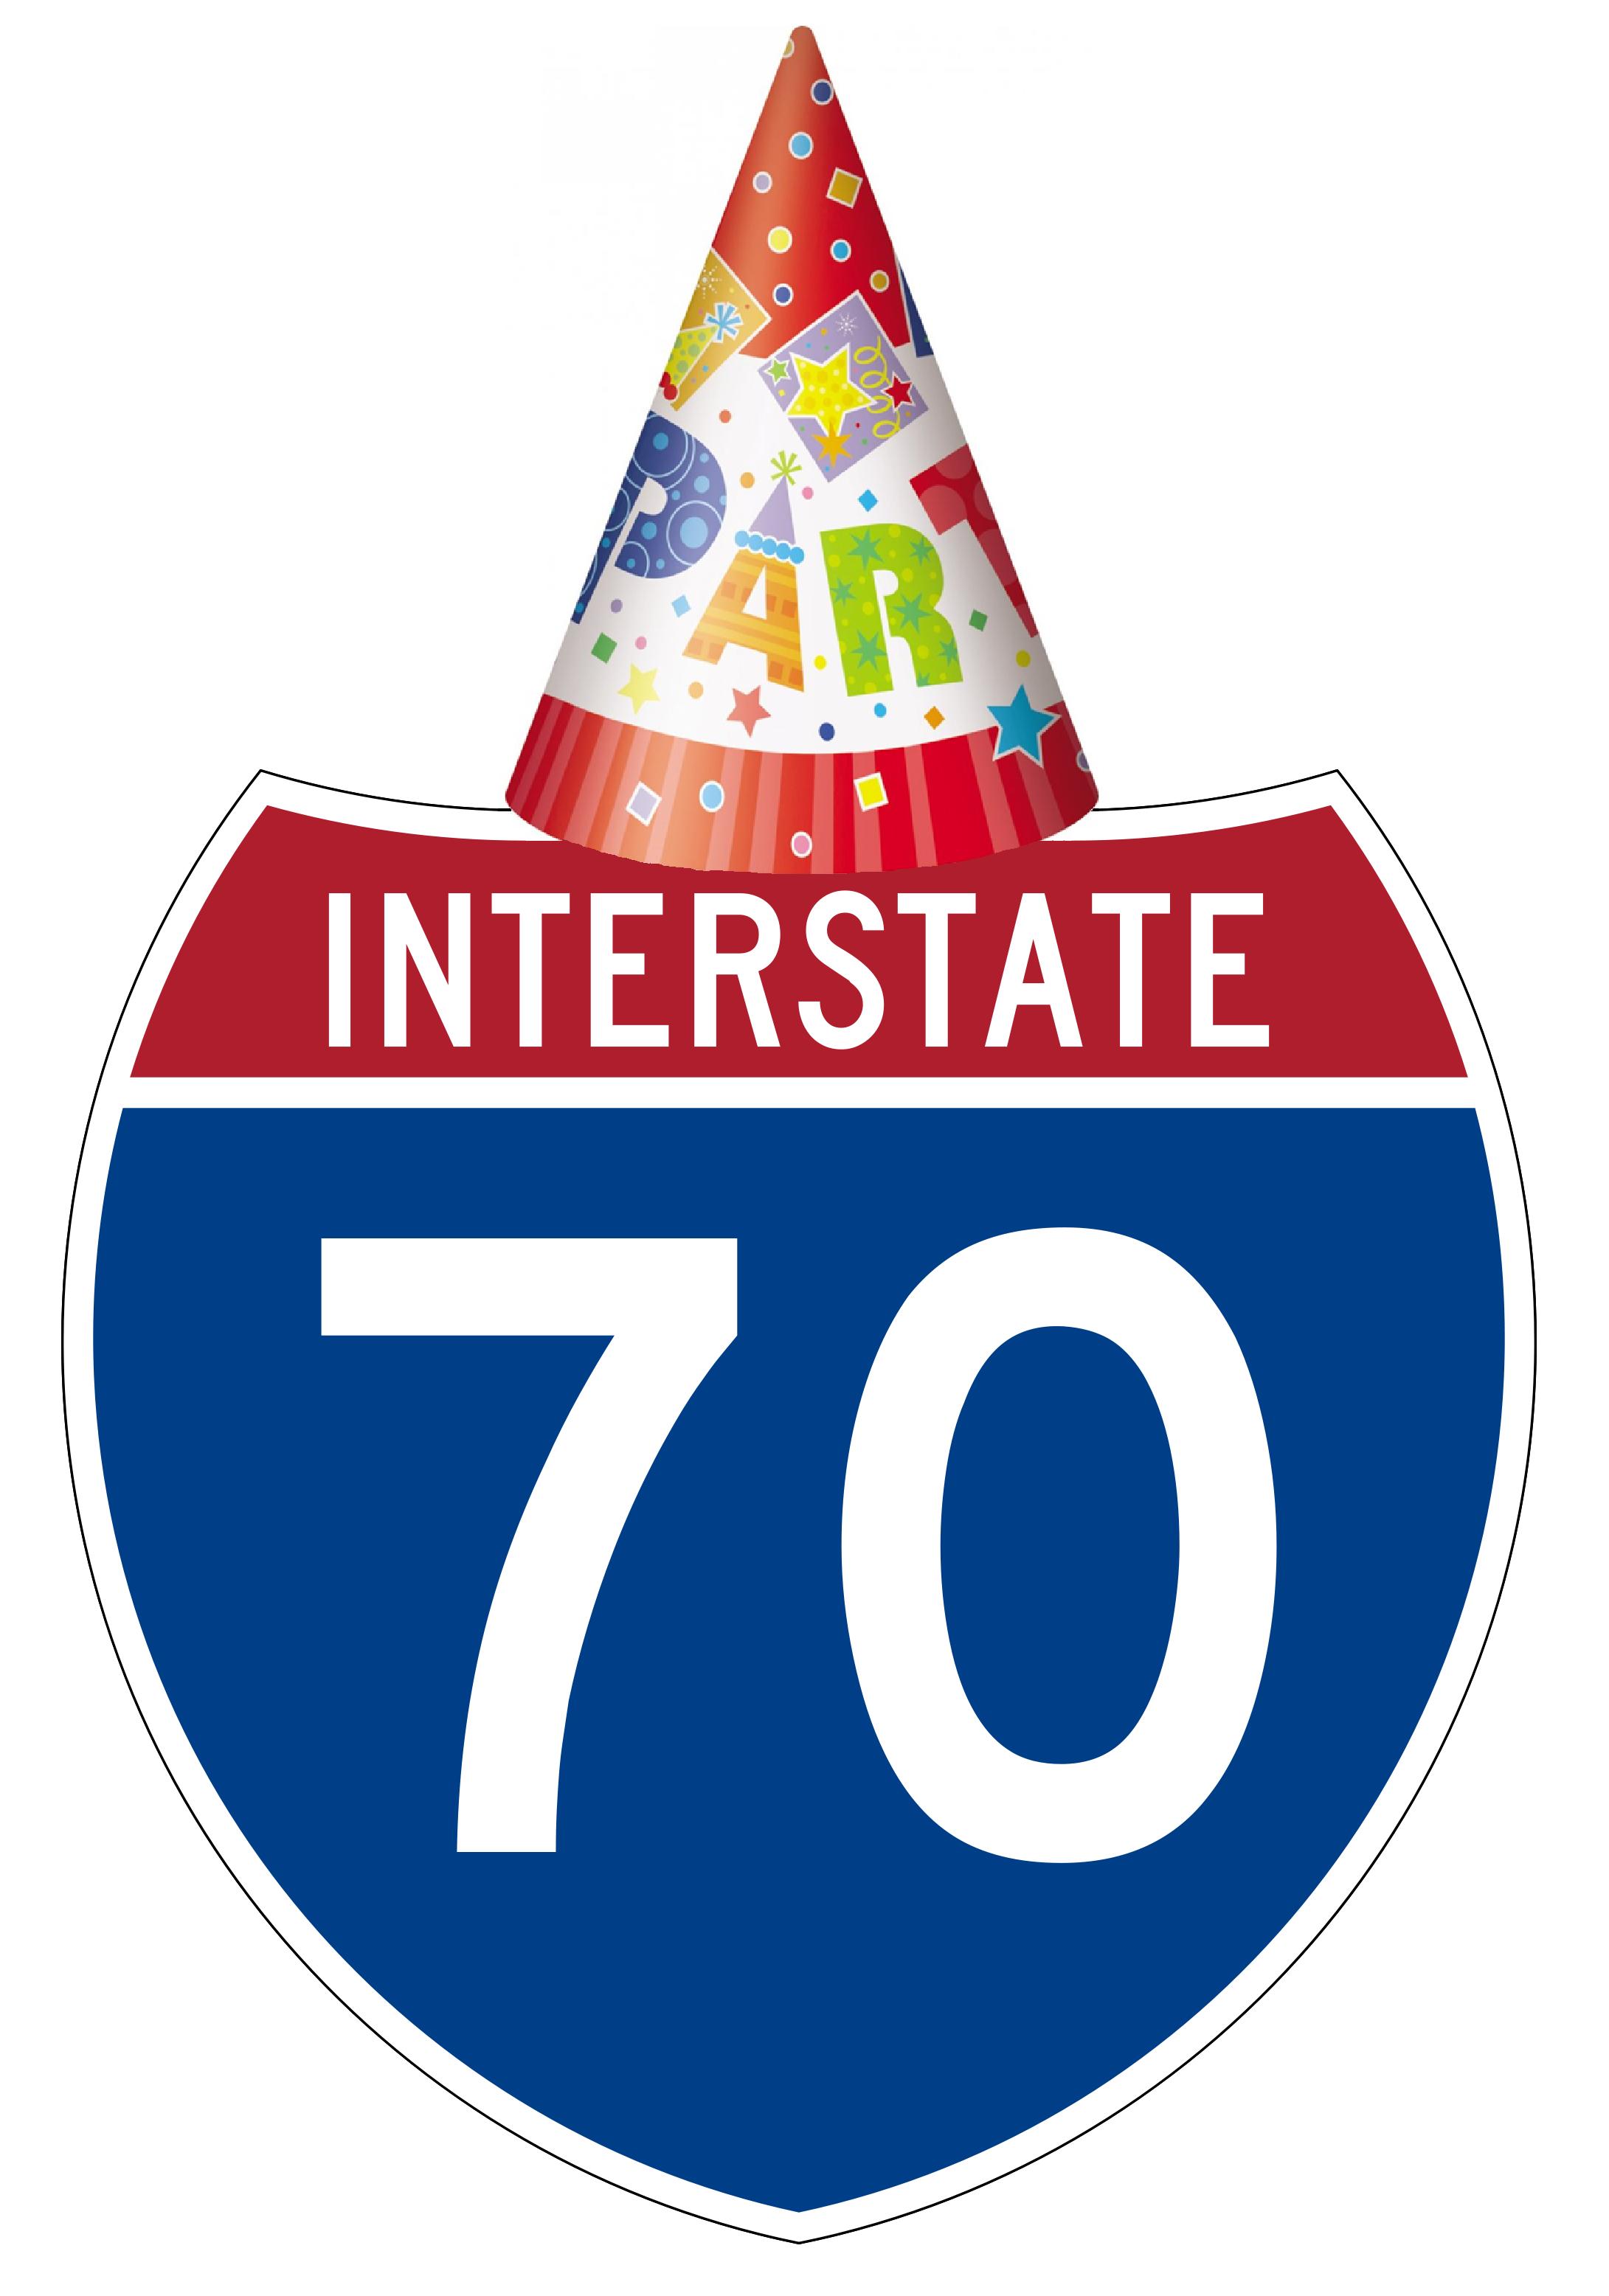 interstate 70 wearing birthday hat